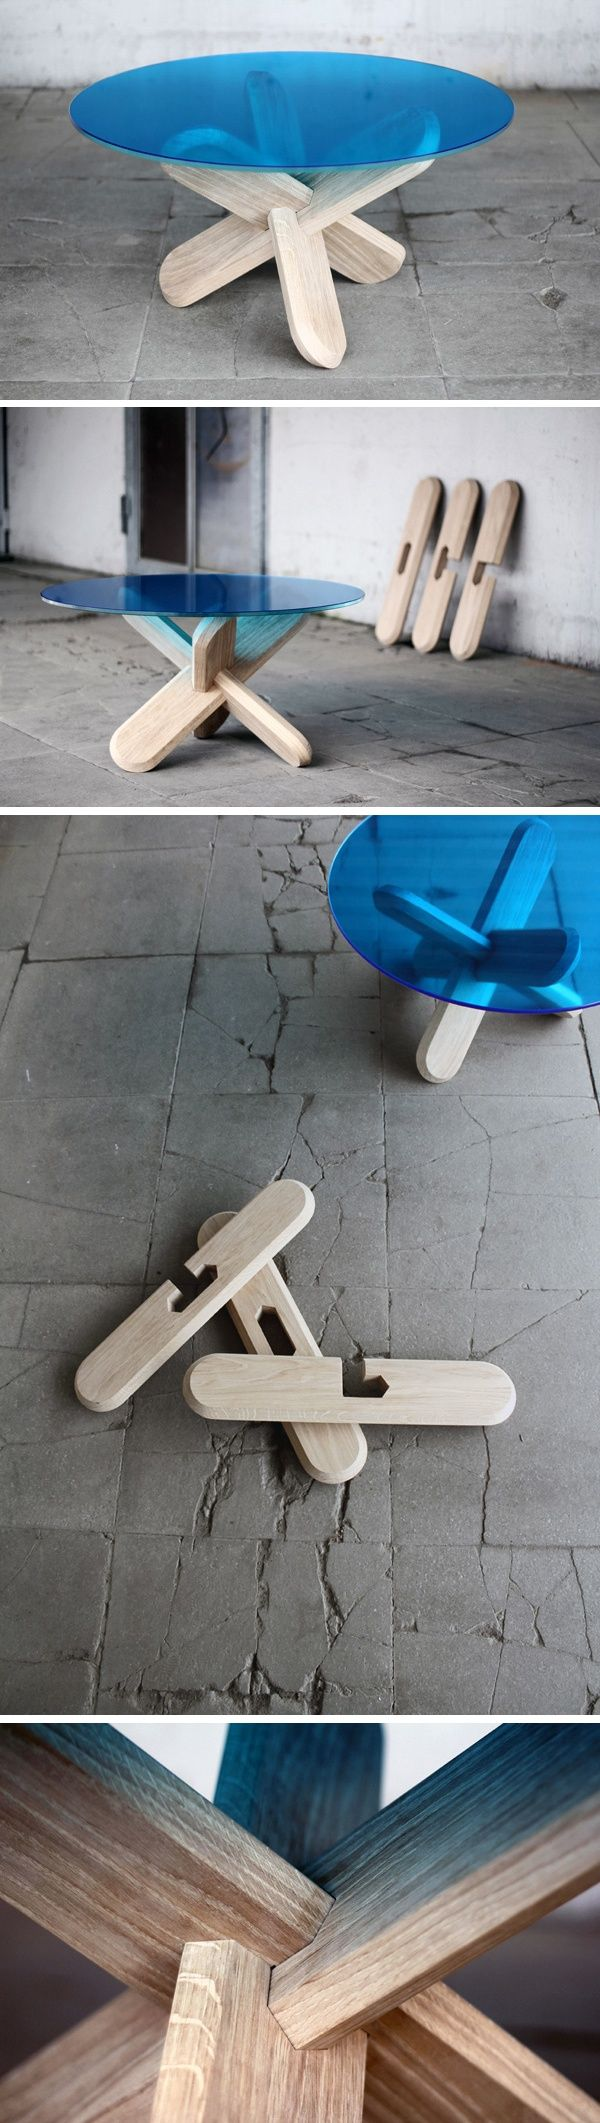 Mesa de centro decoracion q me gusta pinterest for Centro reto sevilla muebles